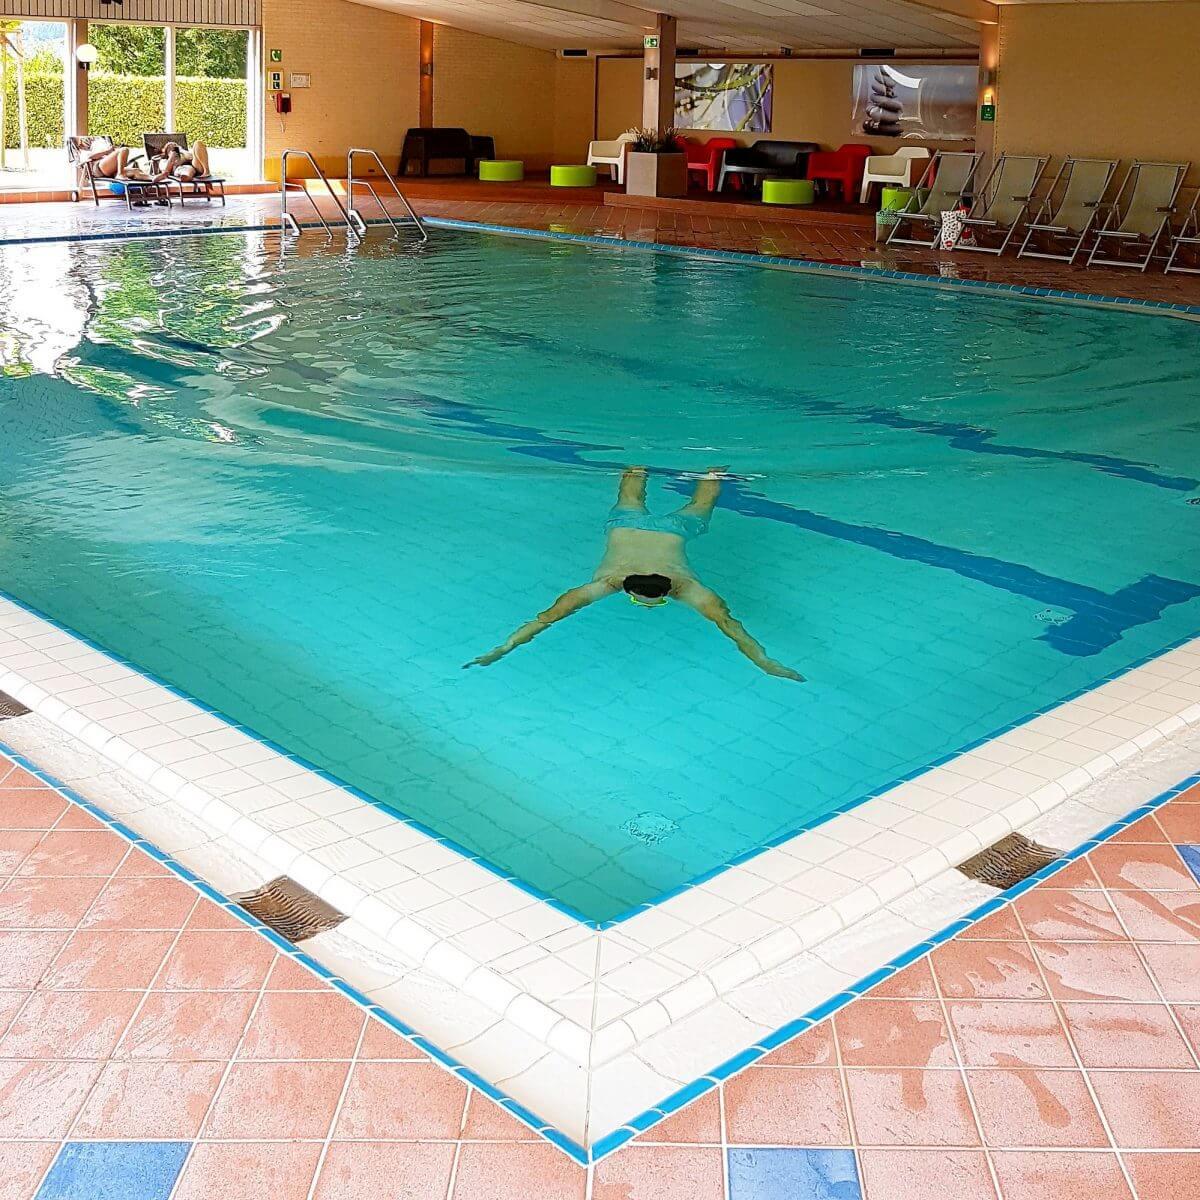 Landal Mont Royal: spelen, zwemmen, wijnproeven en een panoramisch uitzicht - binnenzwembad